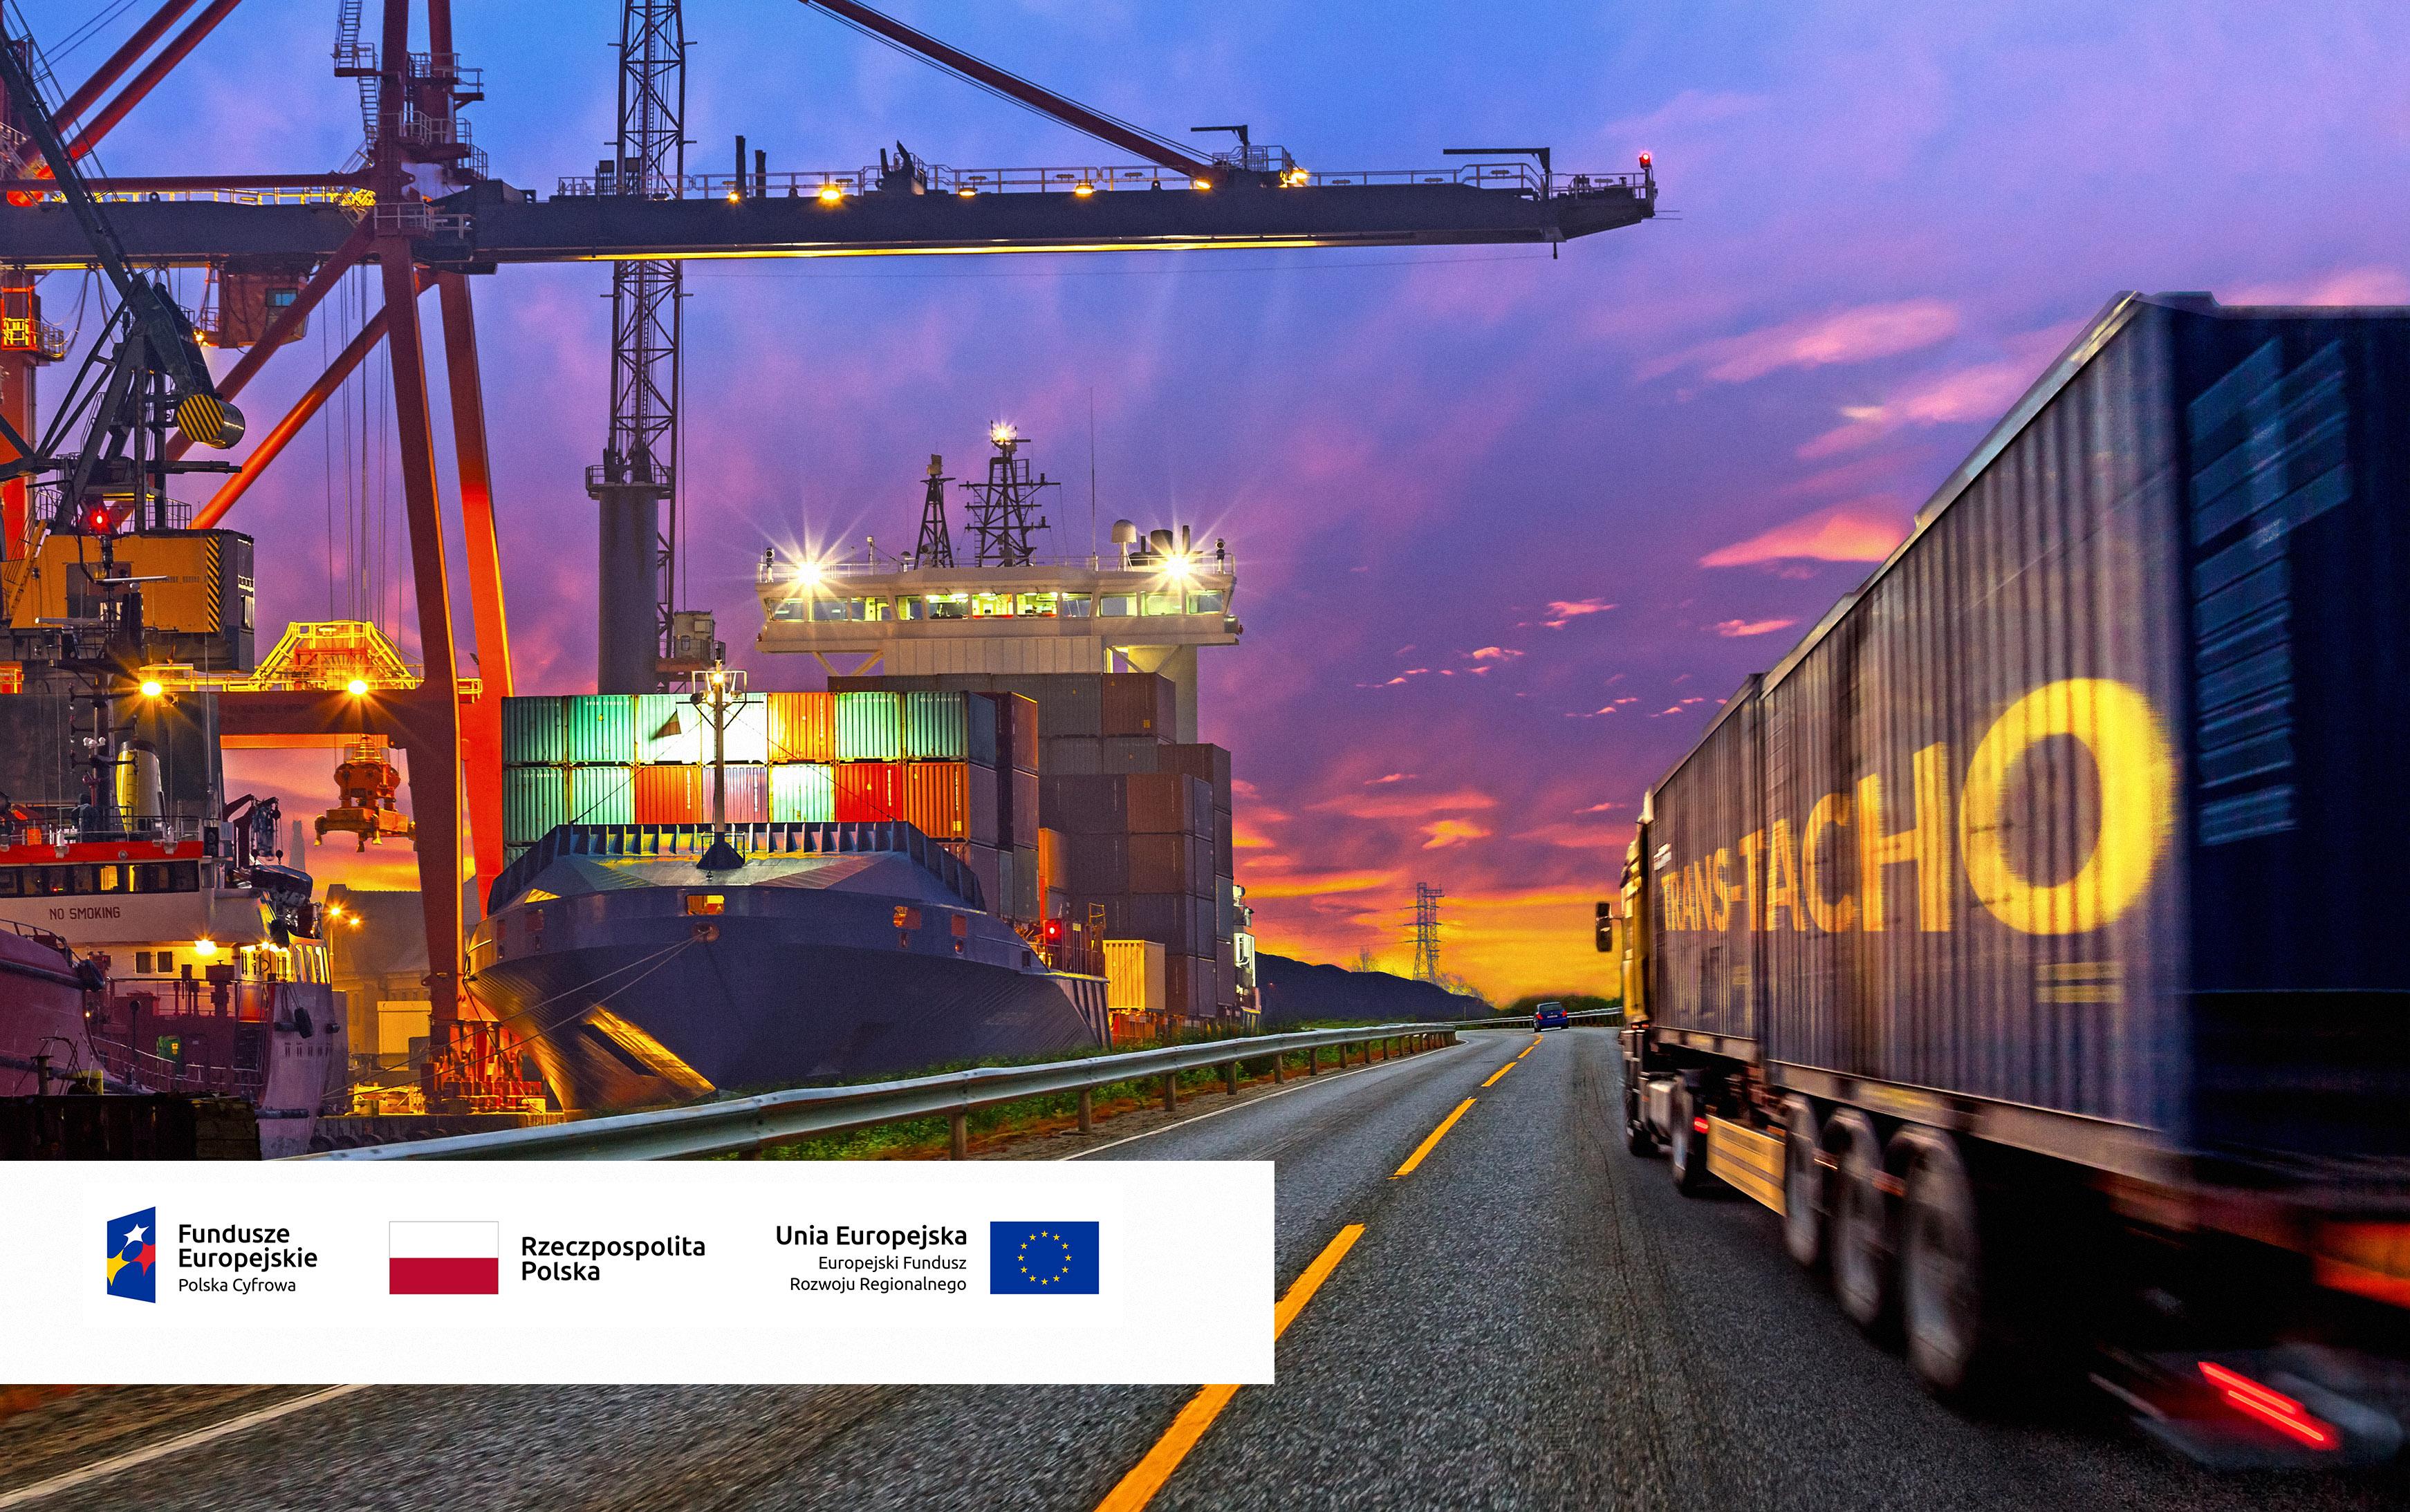 Trans-Tacho grafika projektu unijnego: Po prawej stronie zdjęcia TIR jadący drogą, na naczepie napis TRANS-TACHO, po lewej stronie dźwigi portowe, w lewym dolnym rogu logotypy: Fundusze Europejskie/Polska Cyfrowa, Rzeczpospolita Polska (flaga), Unia Europejska (flaga) Europejski Fundusz Rozwoju Regionalnego.